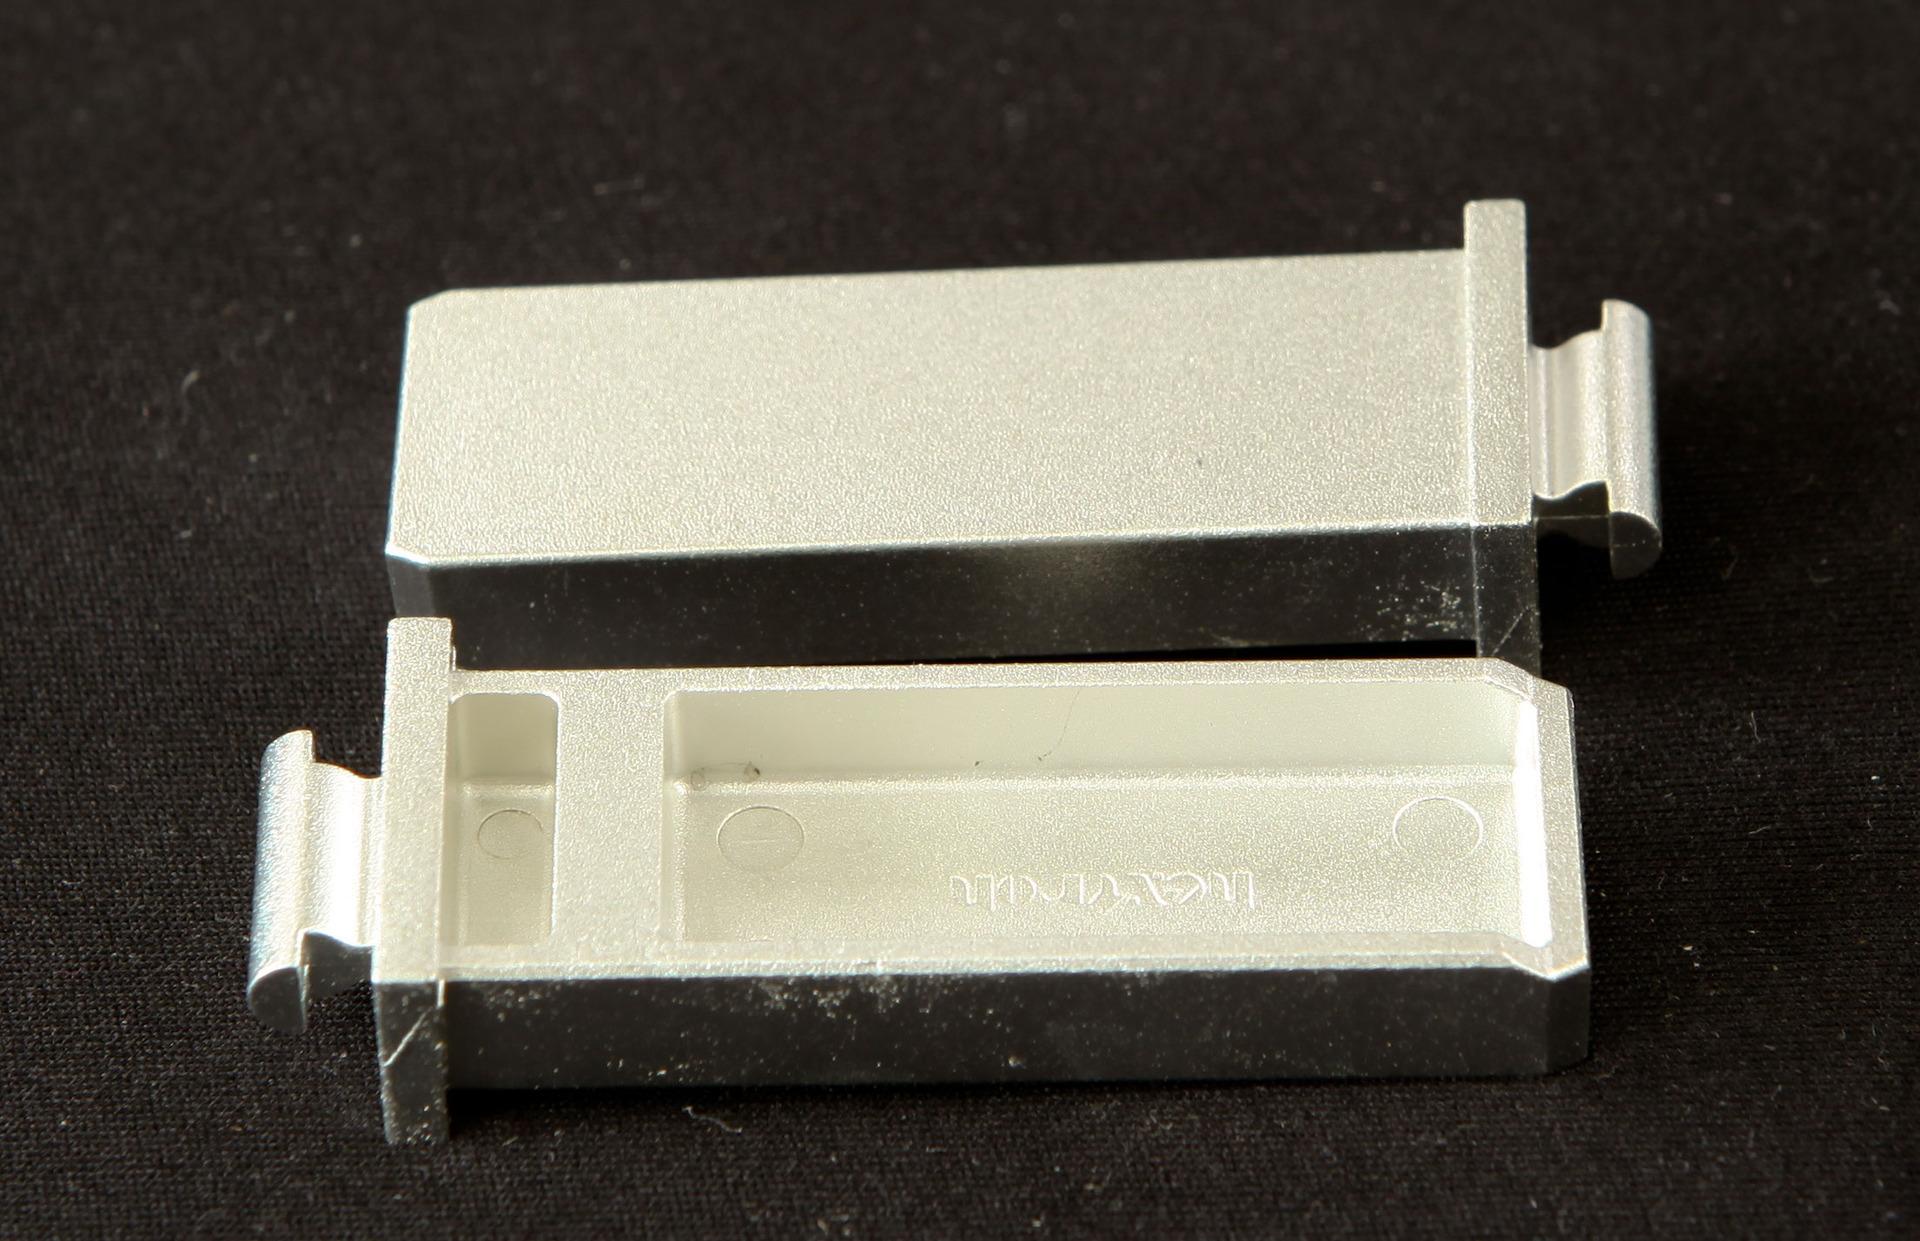 锌合金连接器外壳与支架